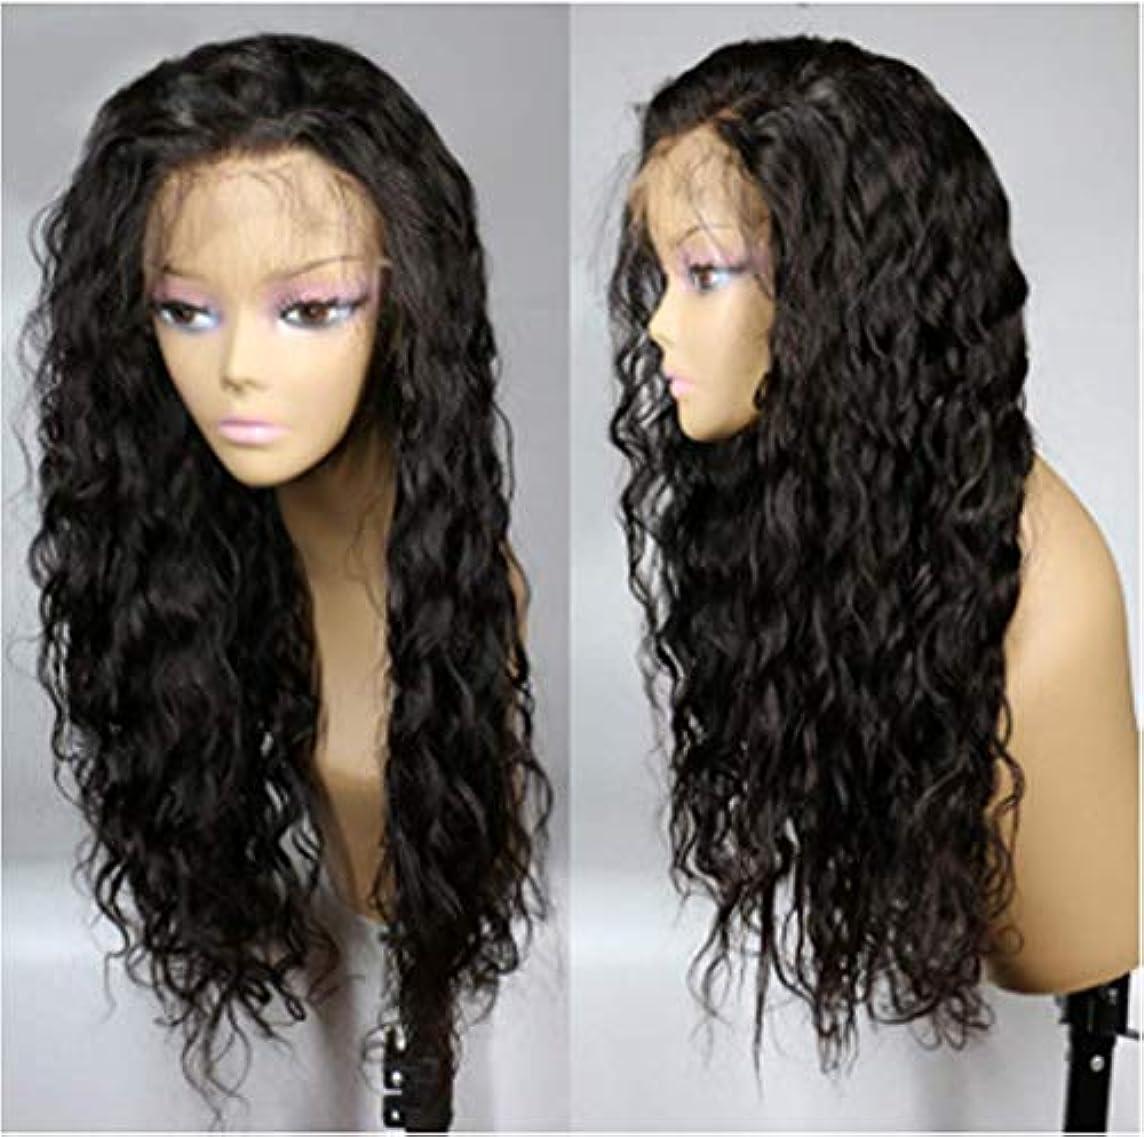 完全に代表団補充女性130%密度フロントレースかつら人間の髪実体波グルーレスブラジルバージン人間の髪の毛のかつらで赤ん坊の毛